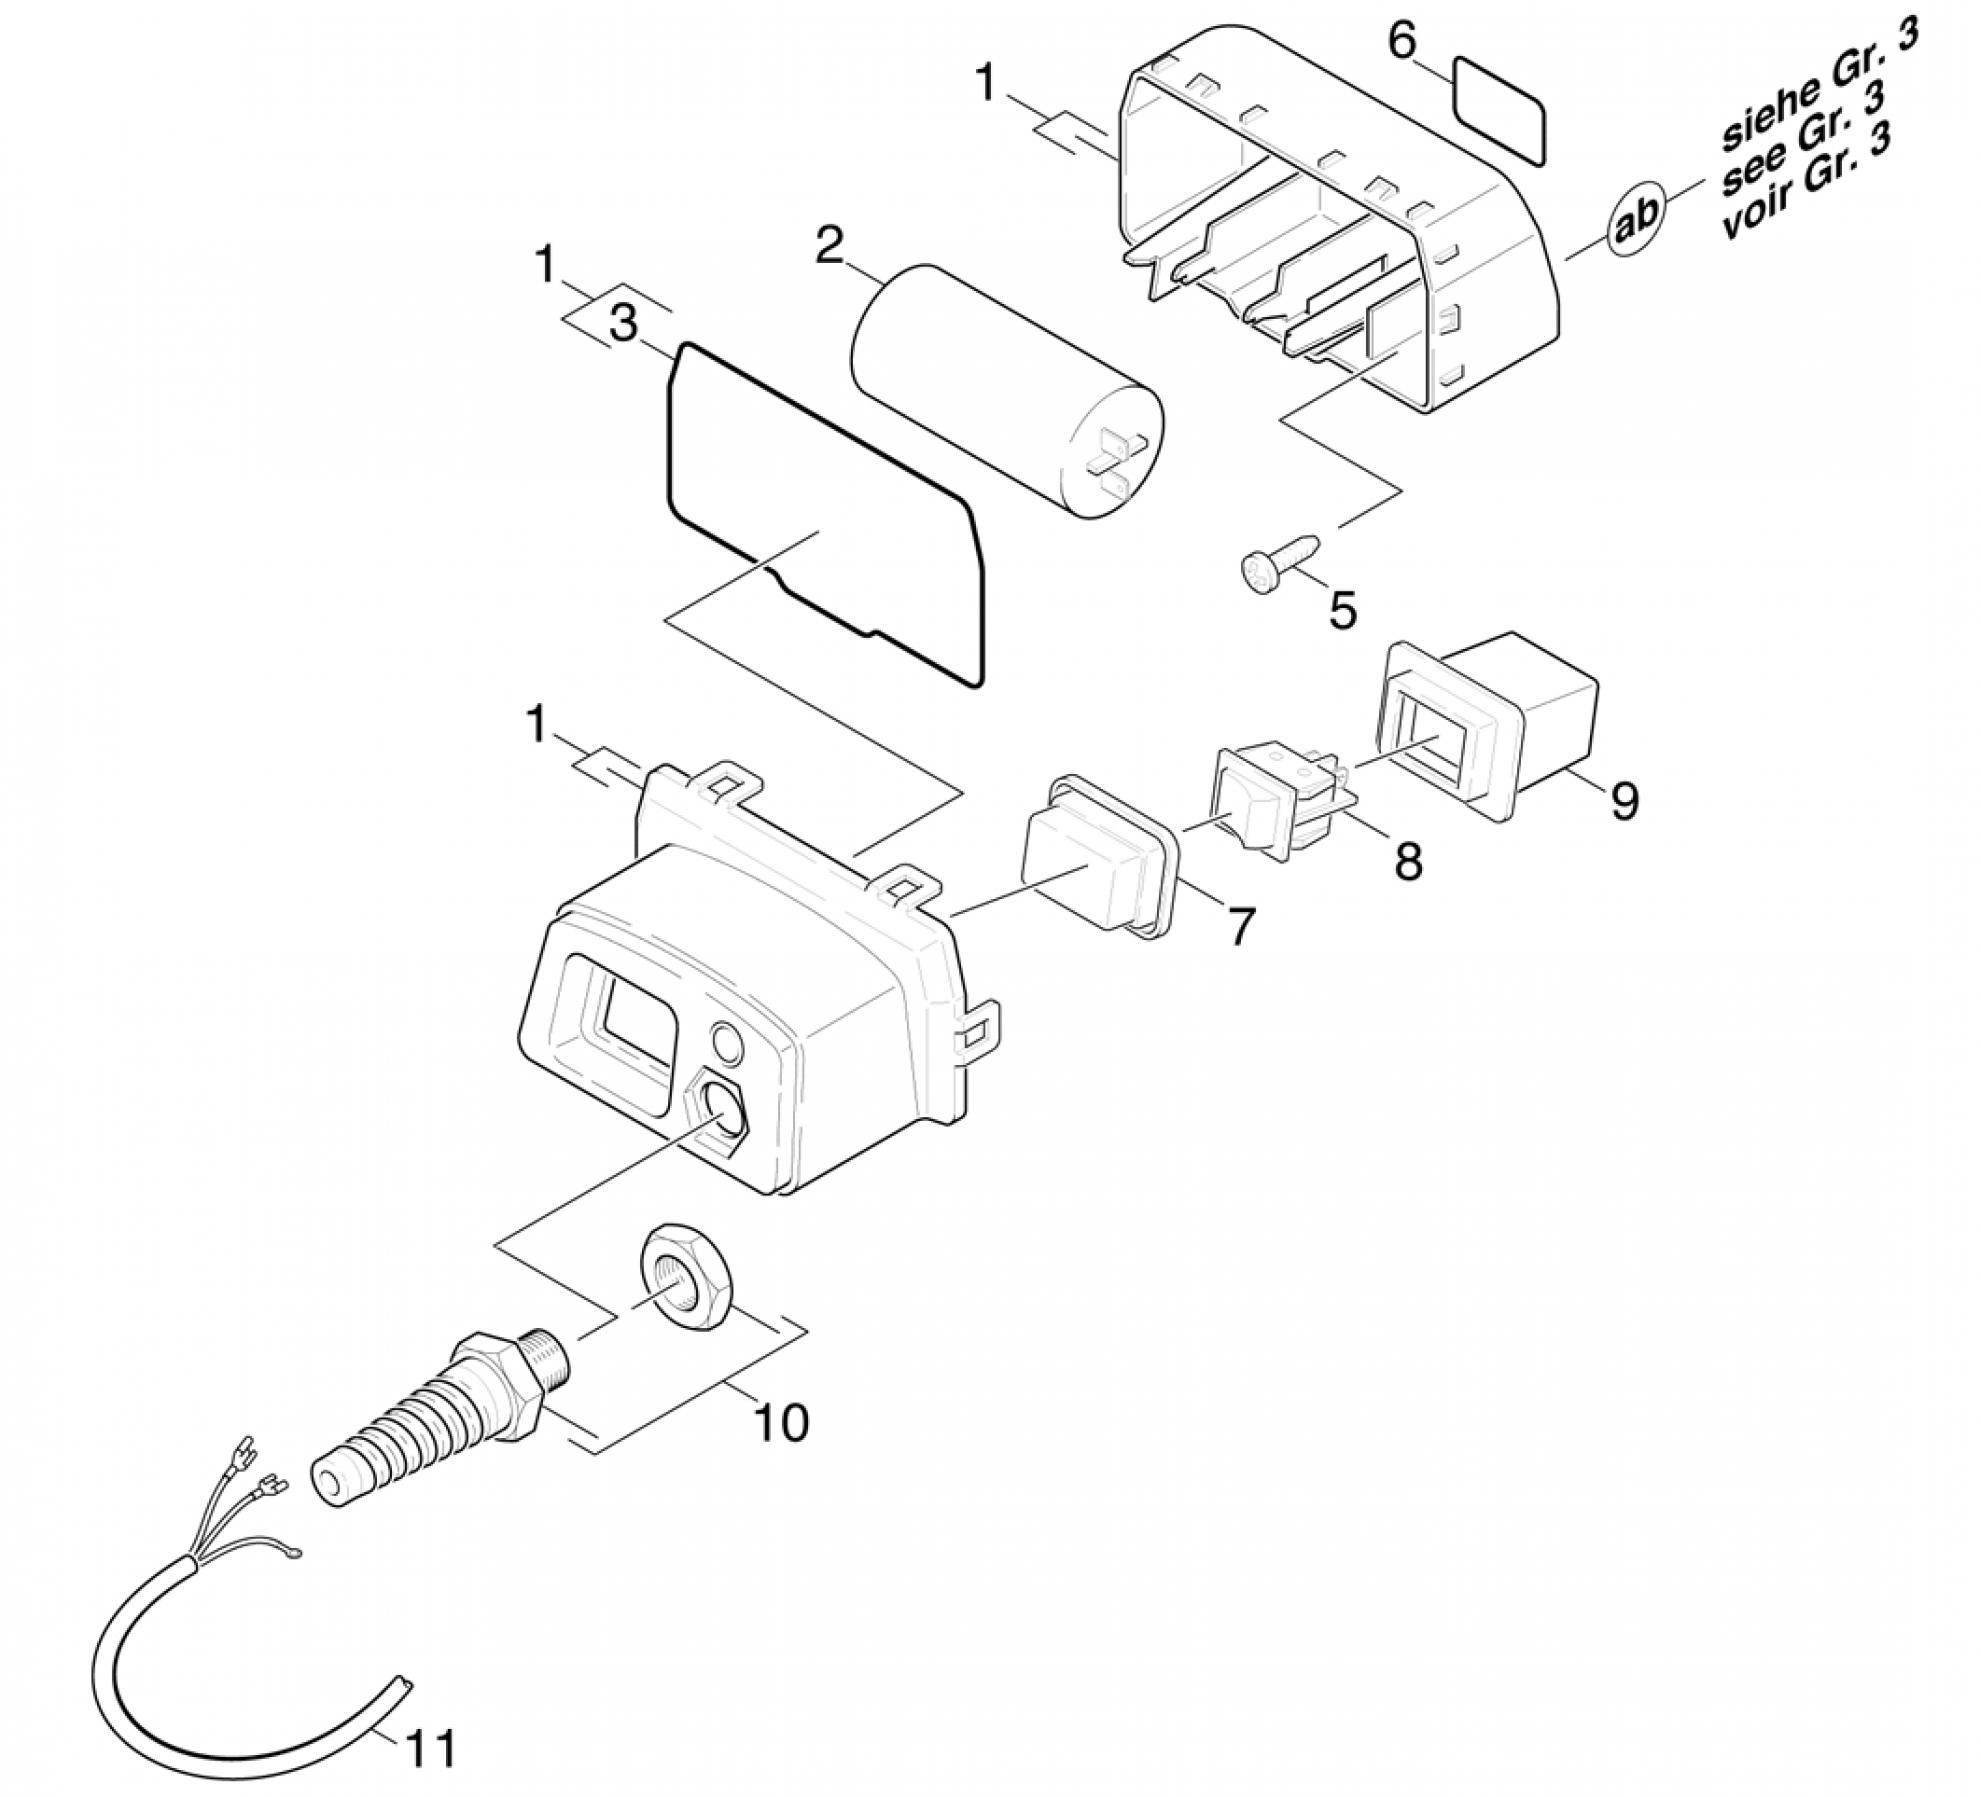 pi ces d tach es nettoyeur haute pression karcher k 330. Black Bedroom Furniture Sets. Home Design Ideas